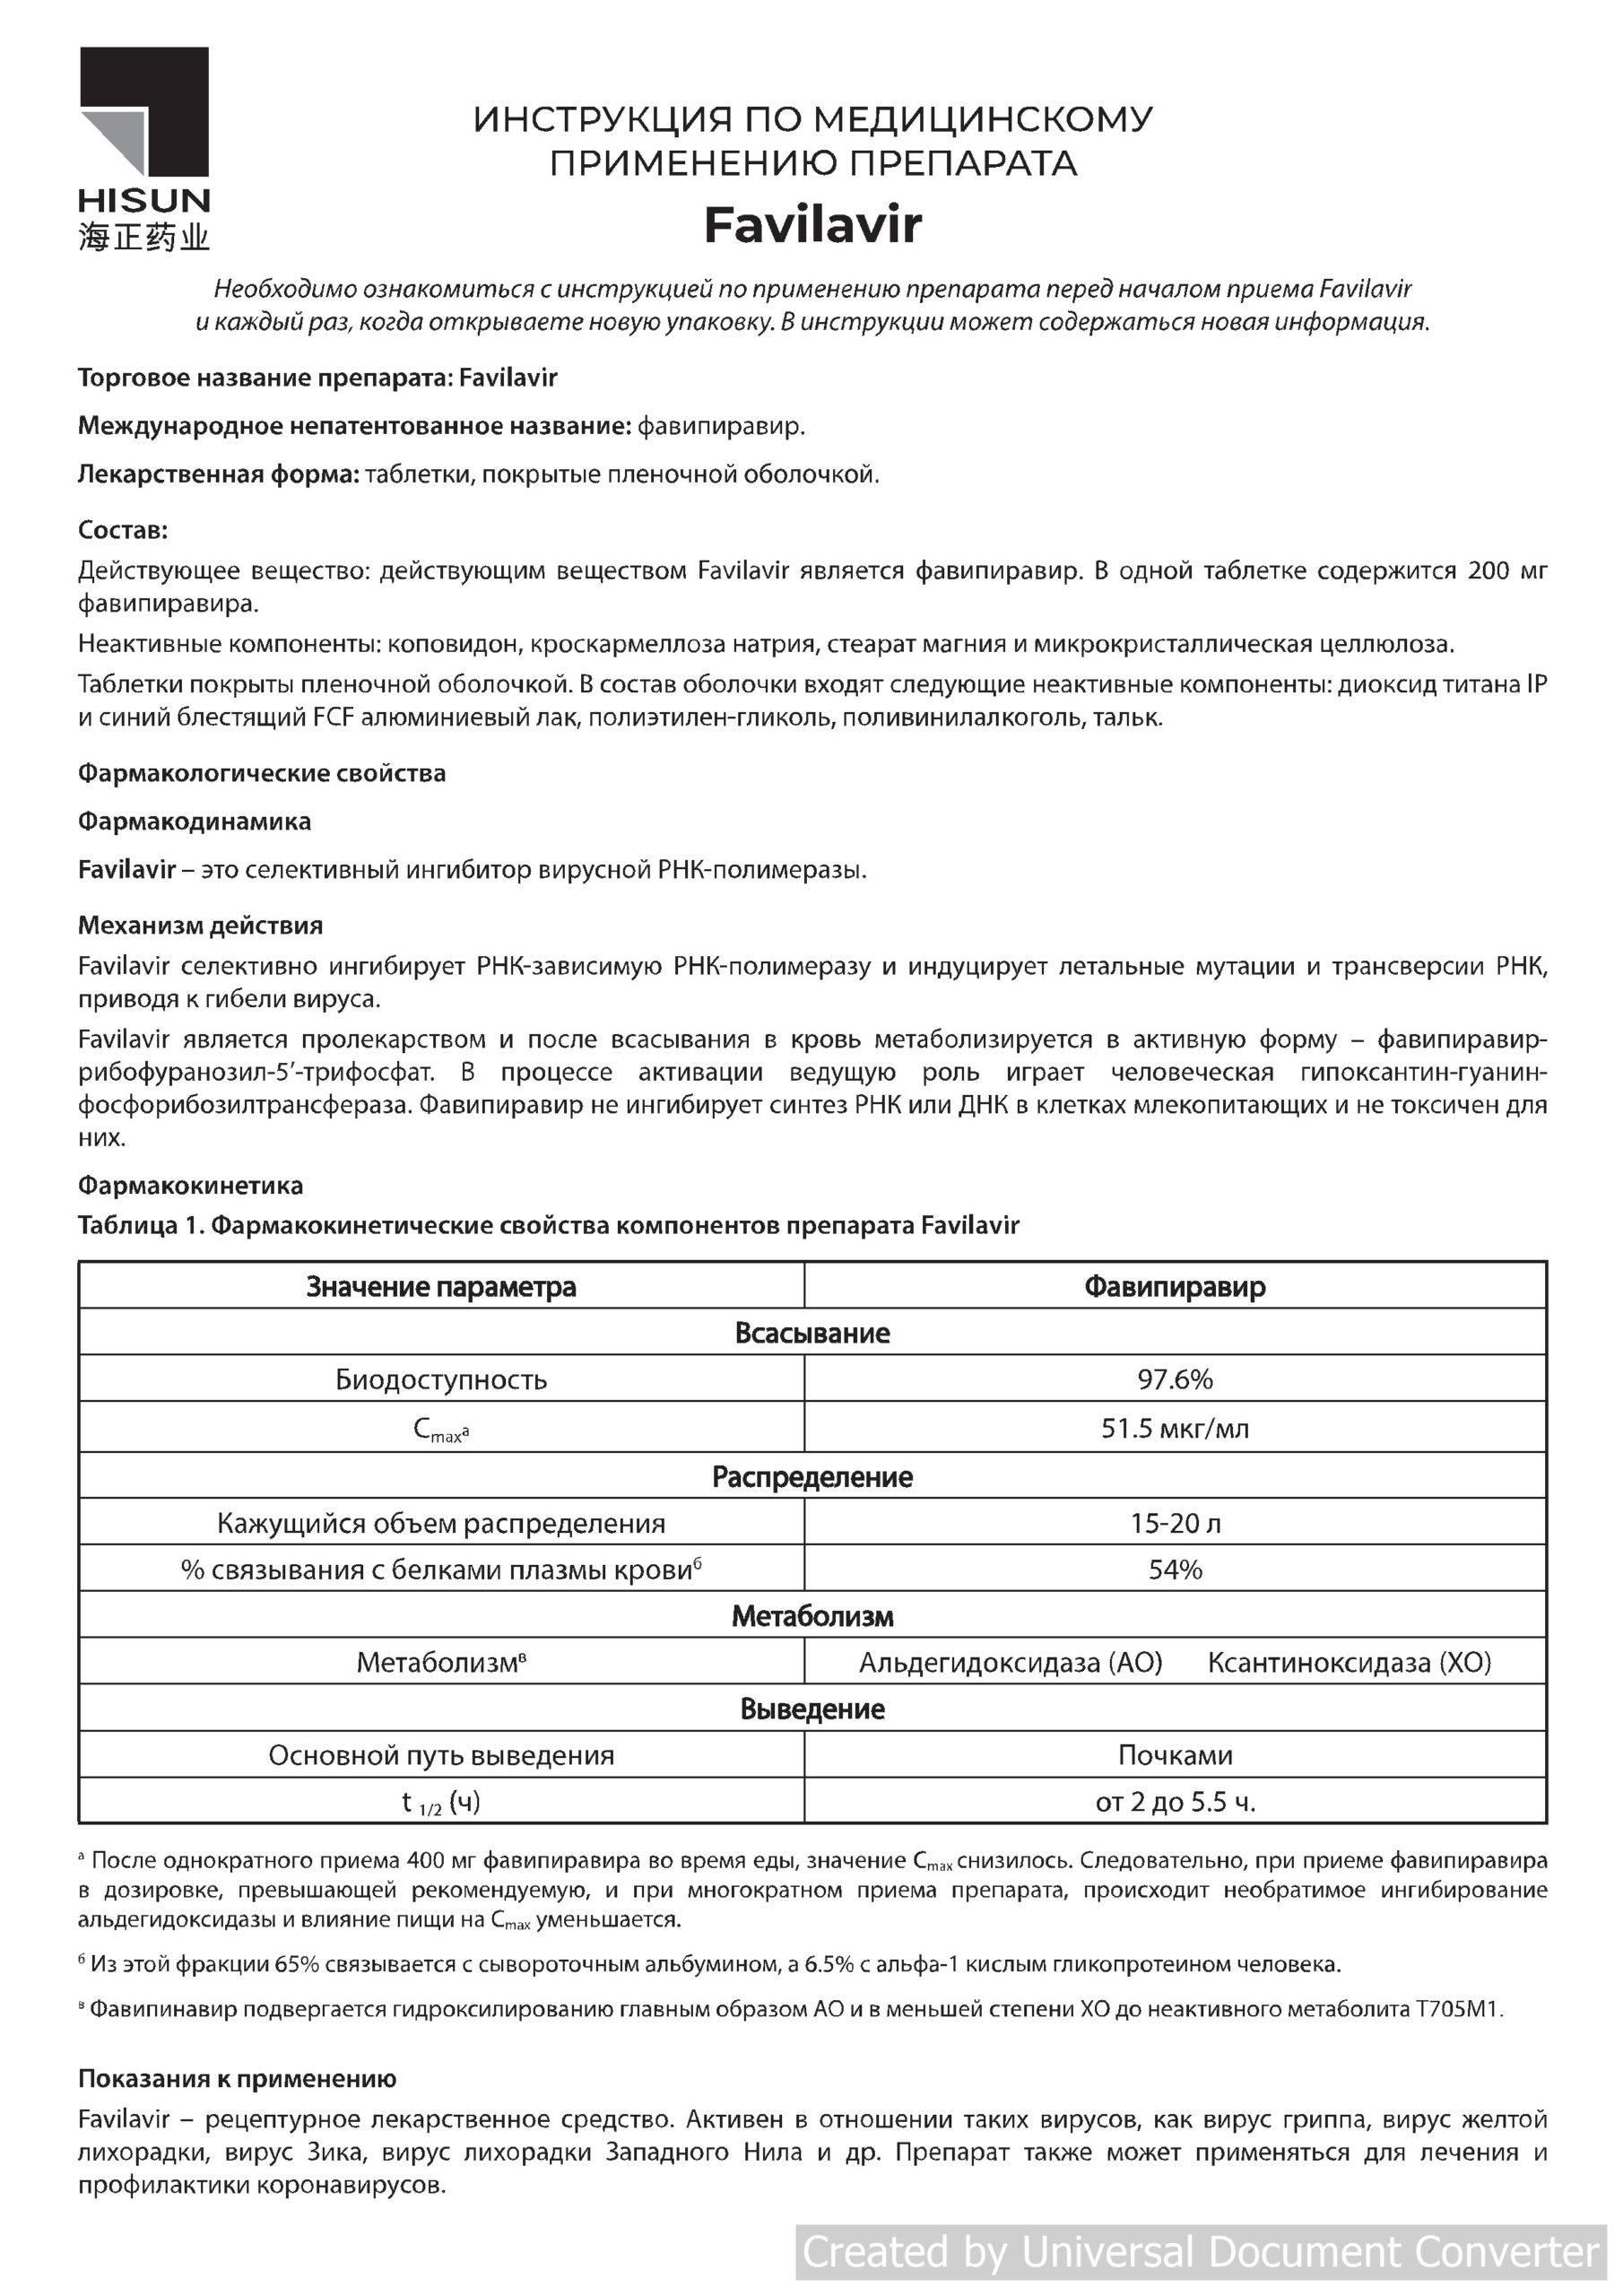 Есть ли фавипиравир в россии, и помогает ли он от коронавируса